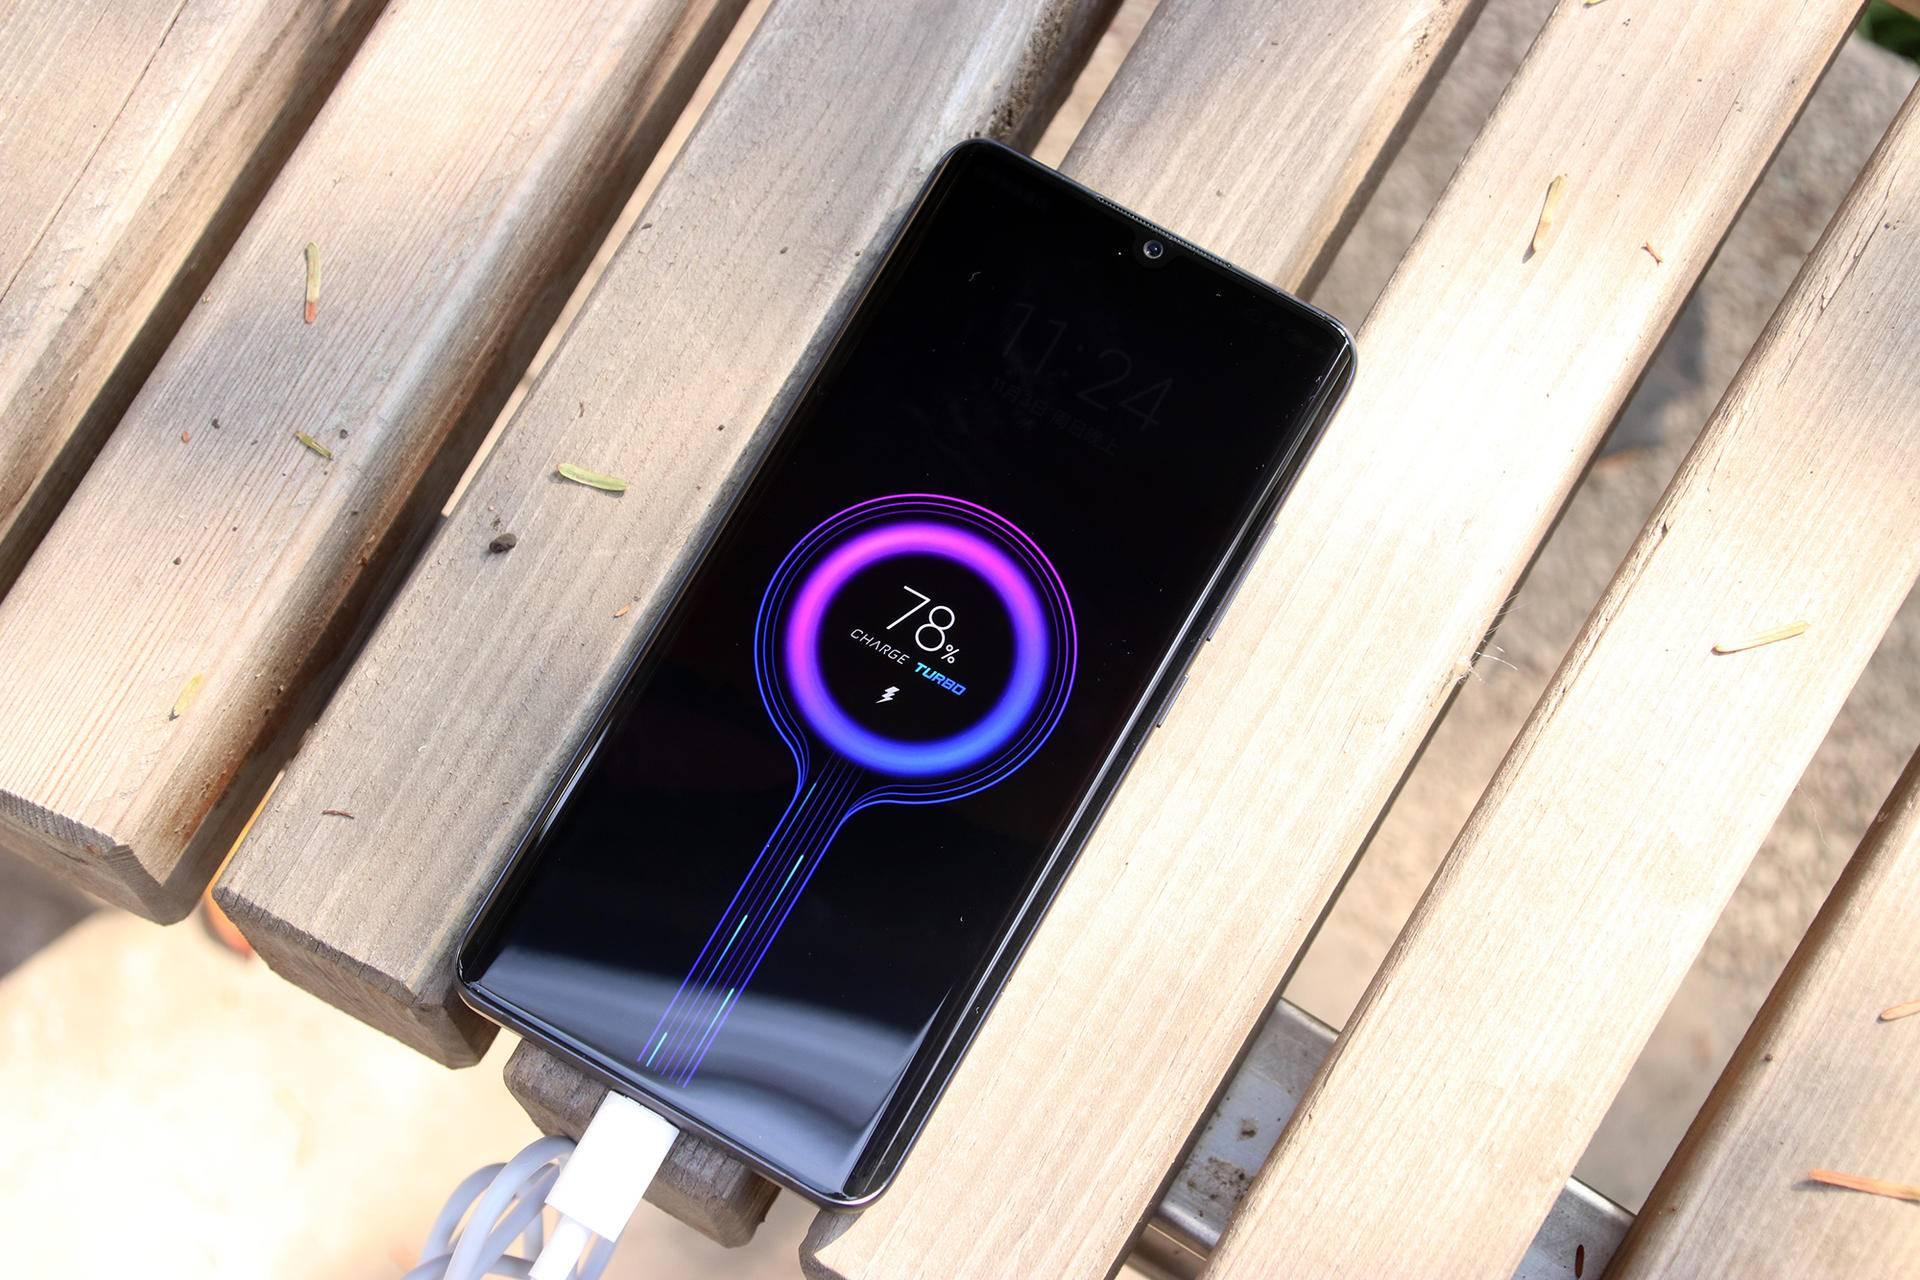 小米手机CC9 Pro先发入门:单叶双曲面 1.08亿五摄 最漂亮的红米手机?